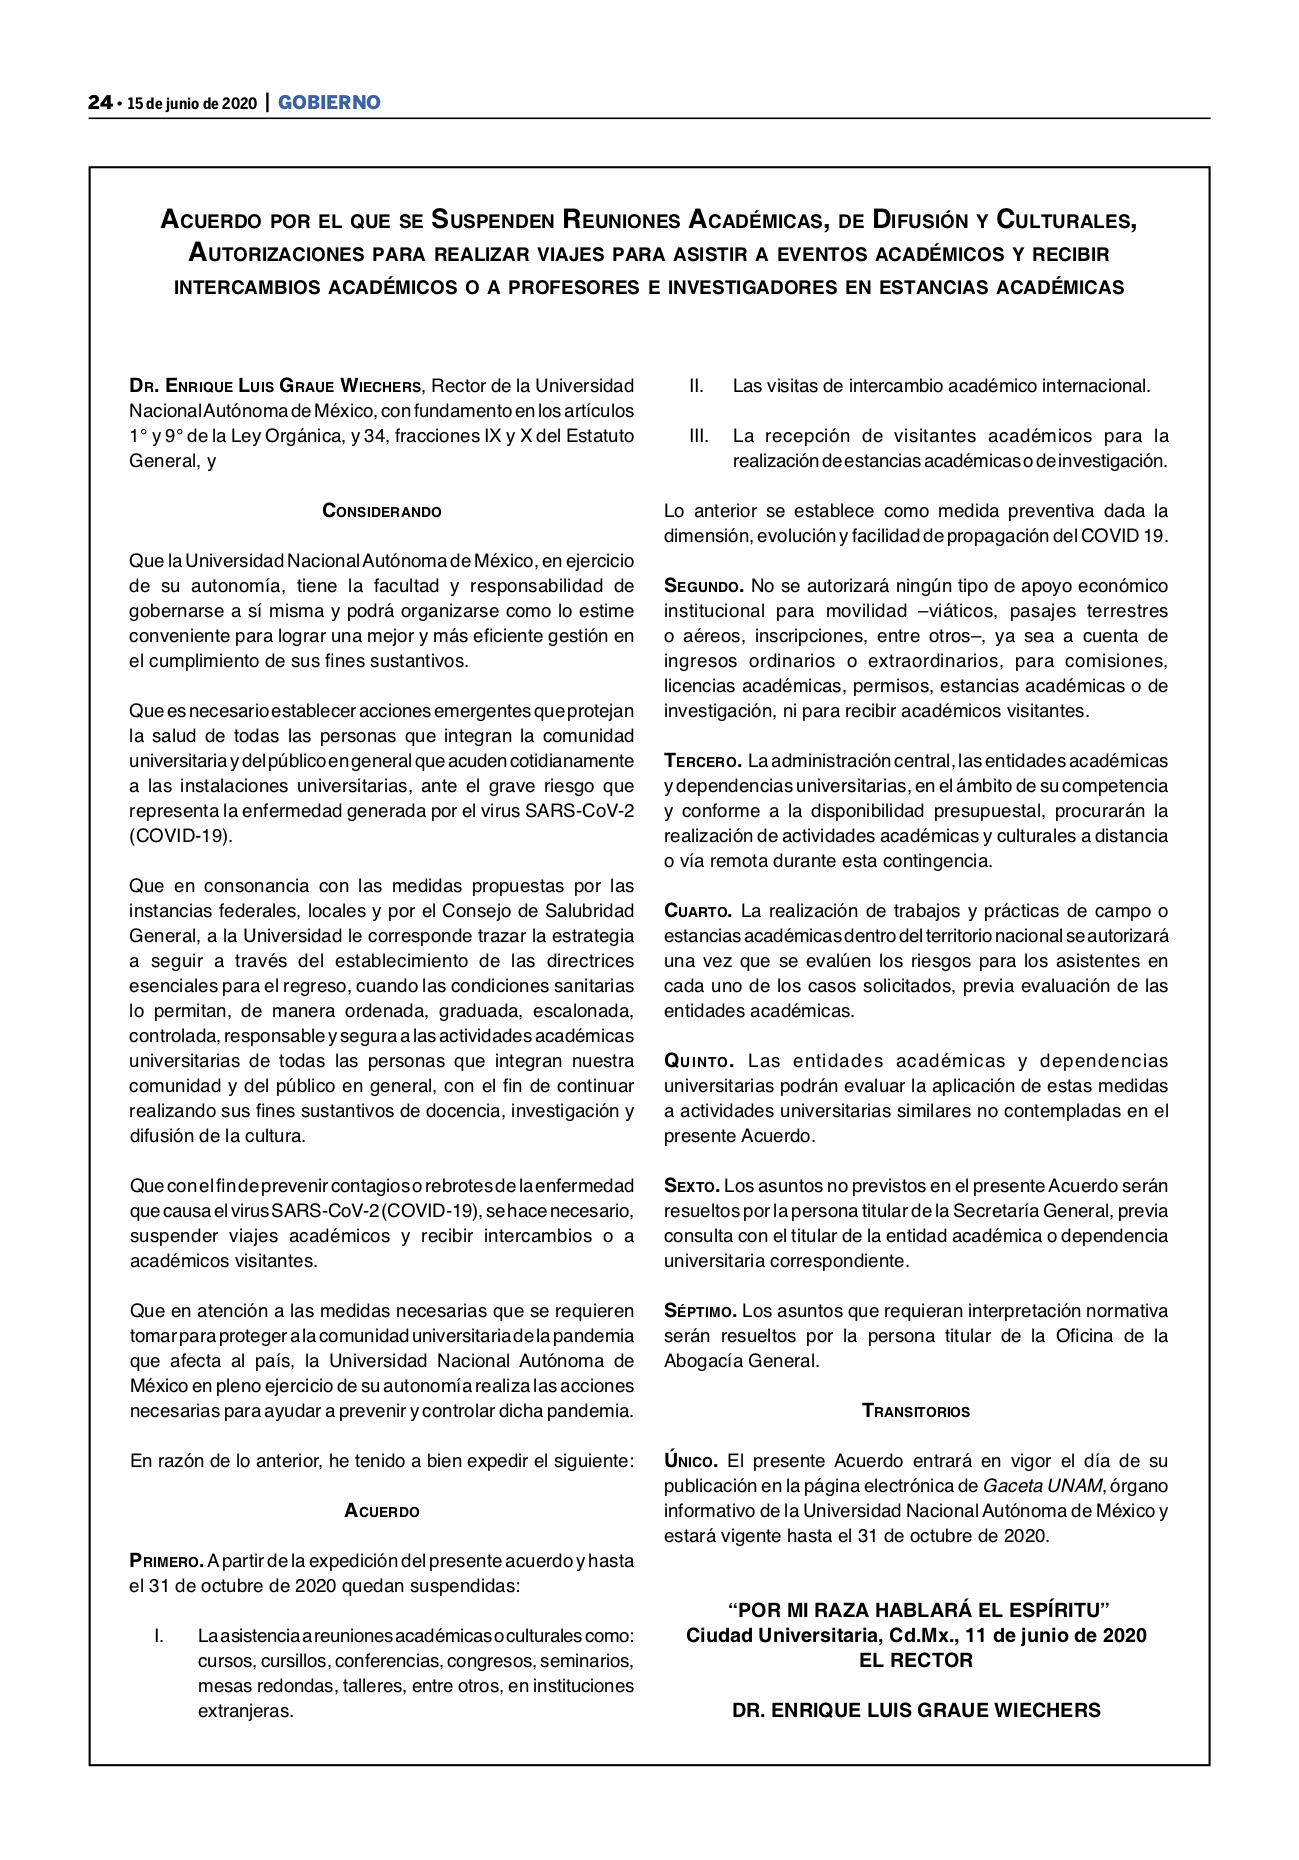 acuerdo suspenden actividades académicas 2020